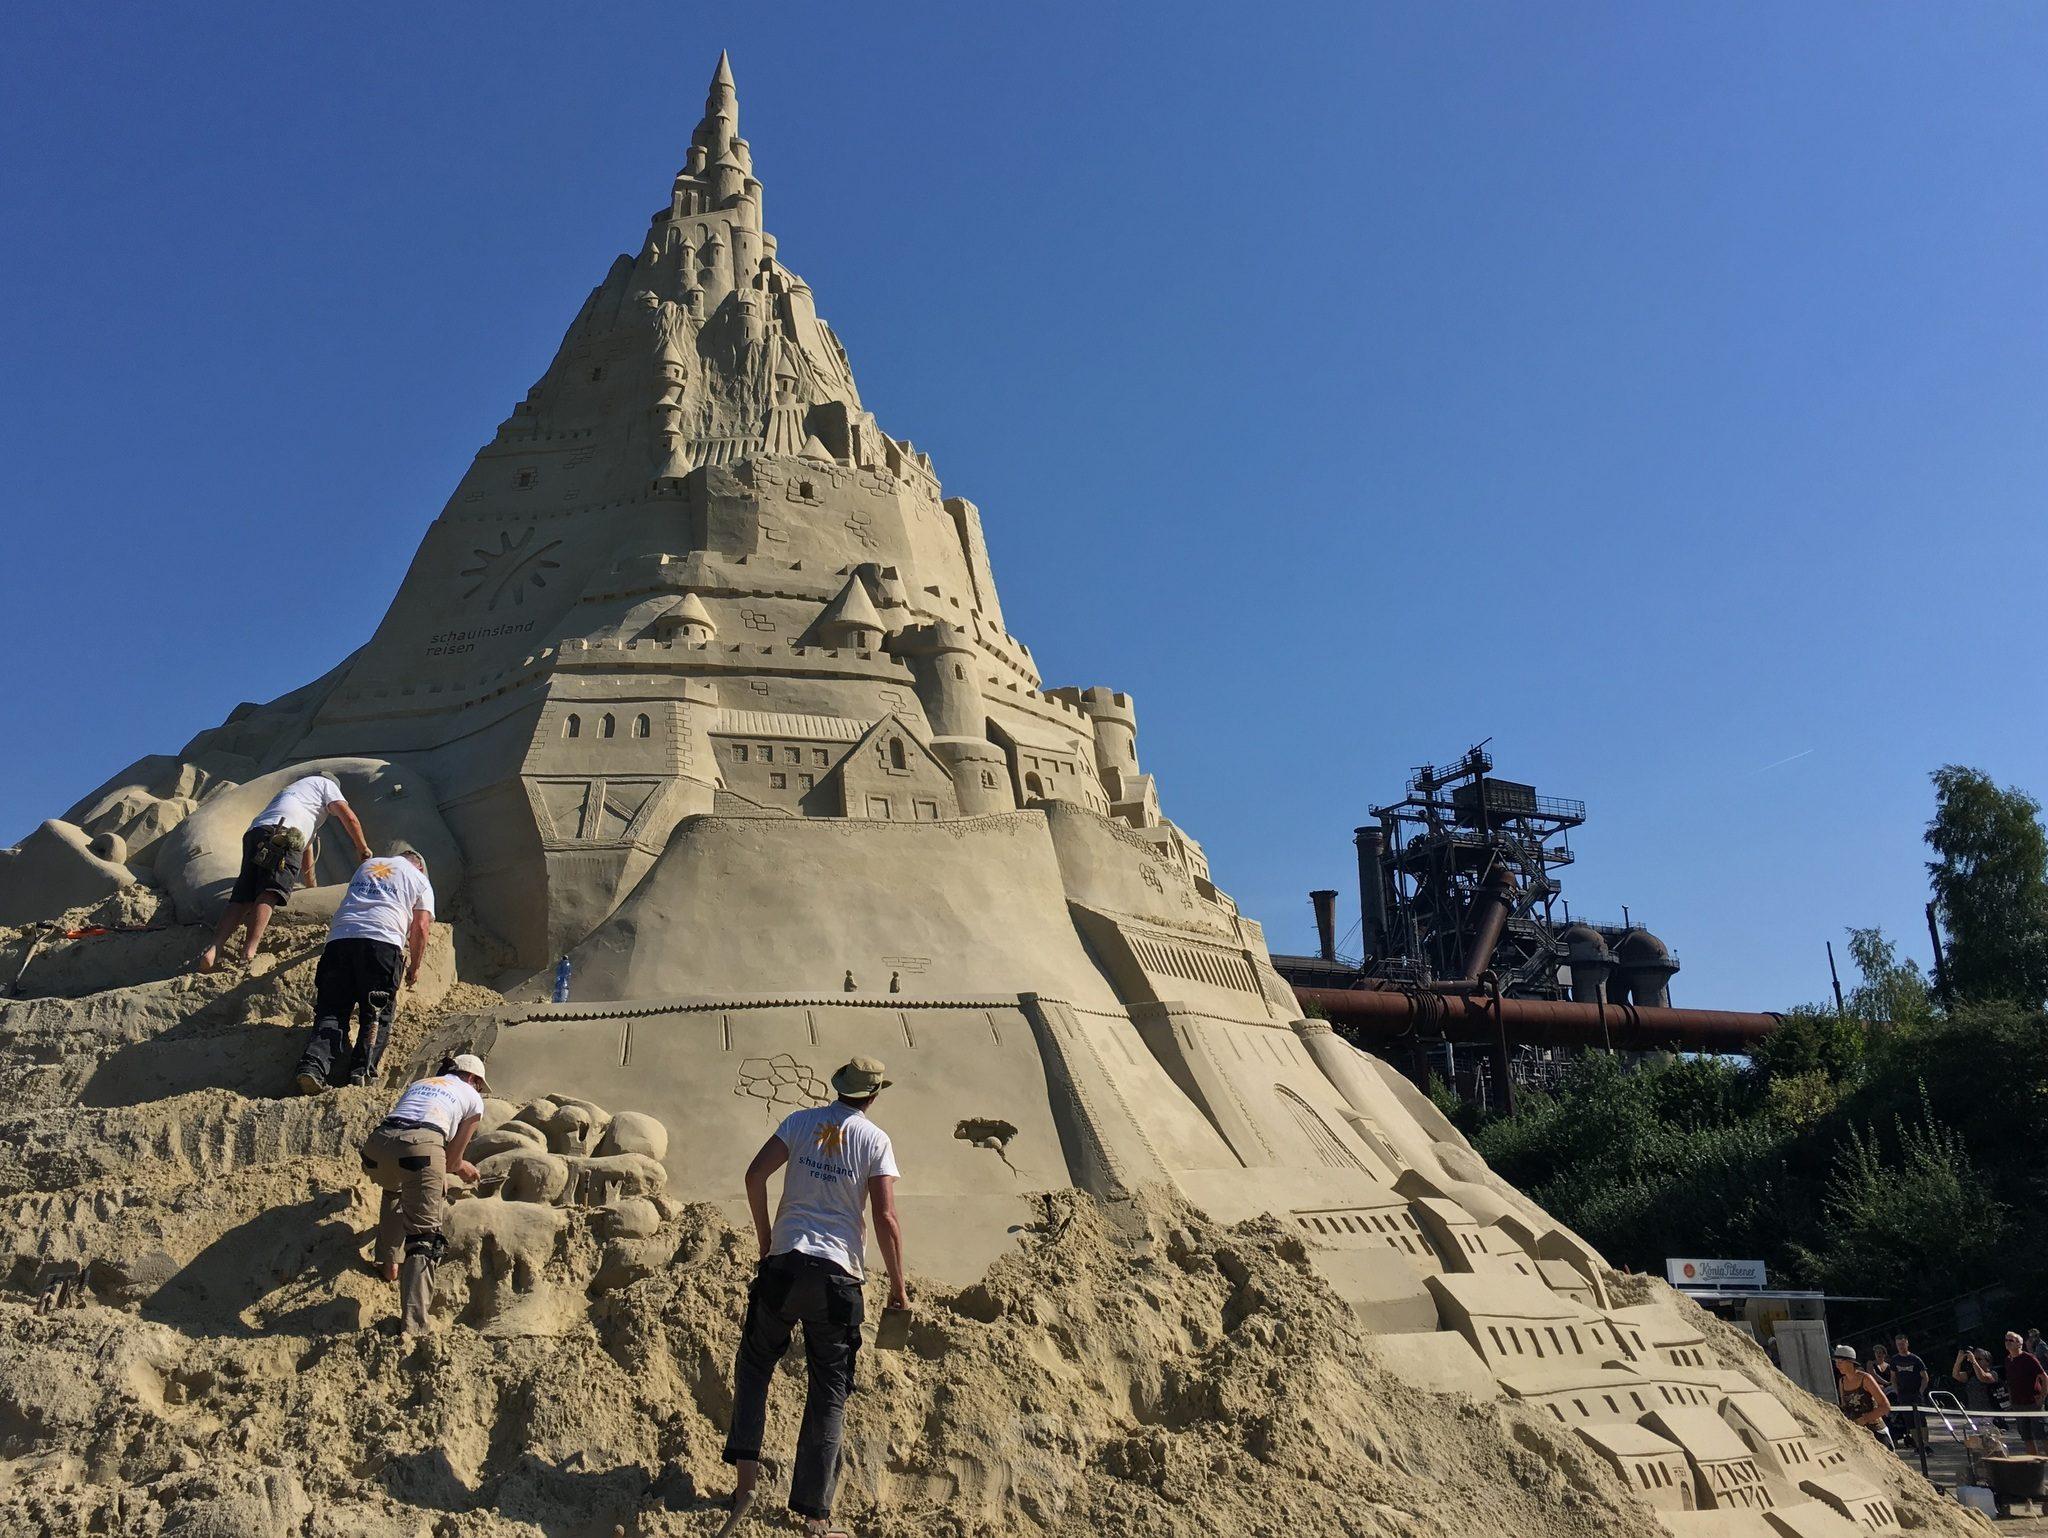 Die welthöchste Sandburg: 14m wird sie messen, wenn sie fertig ist.